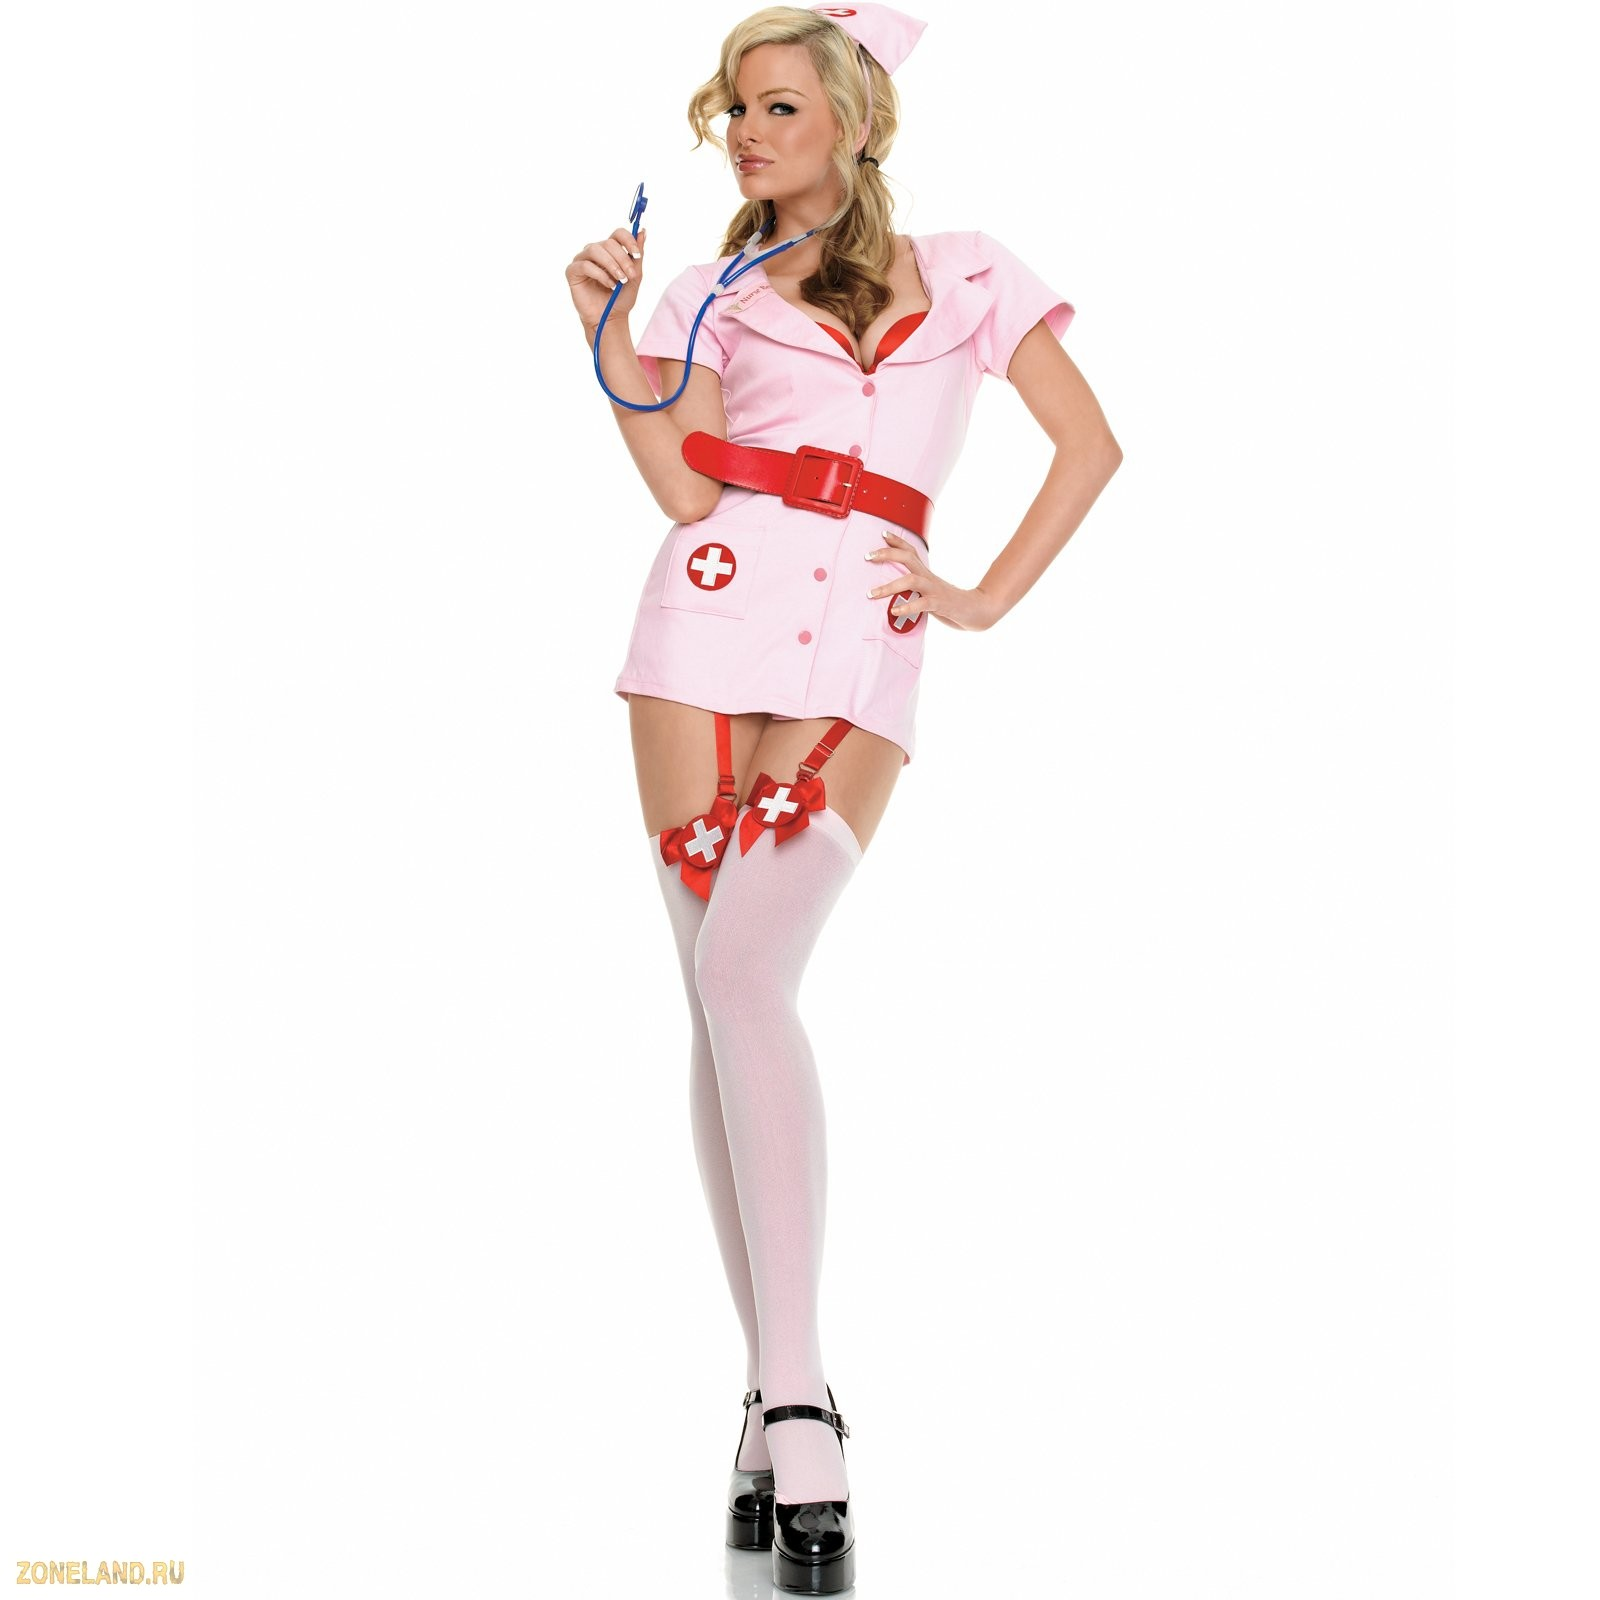 Эротичесская мечта медсестры 1 фотография